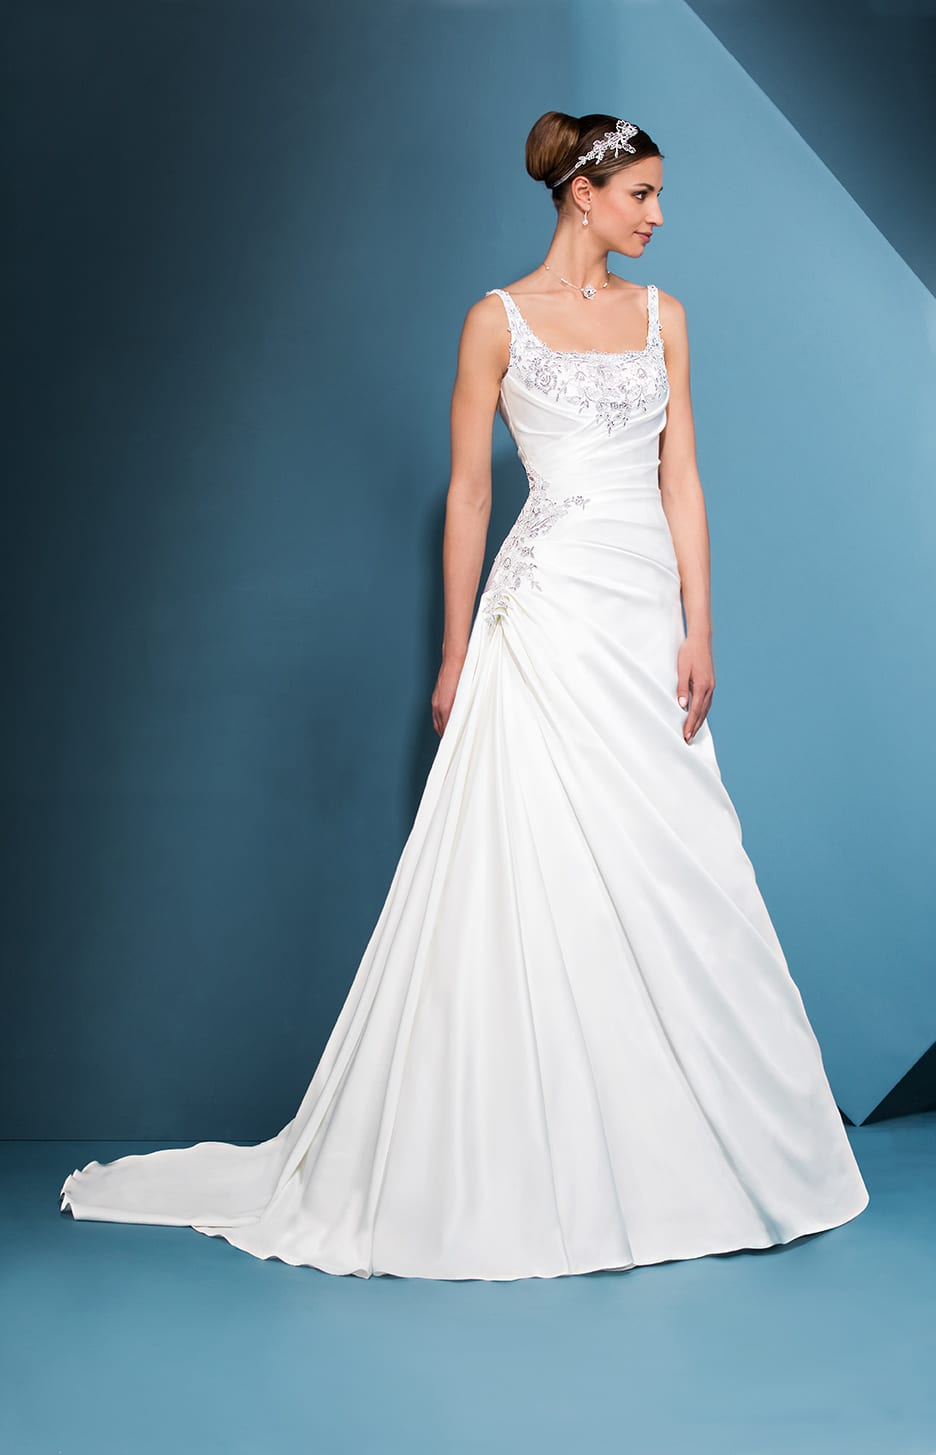 Dallas Wedding Dress Eglantine creations 2018